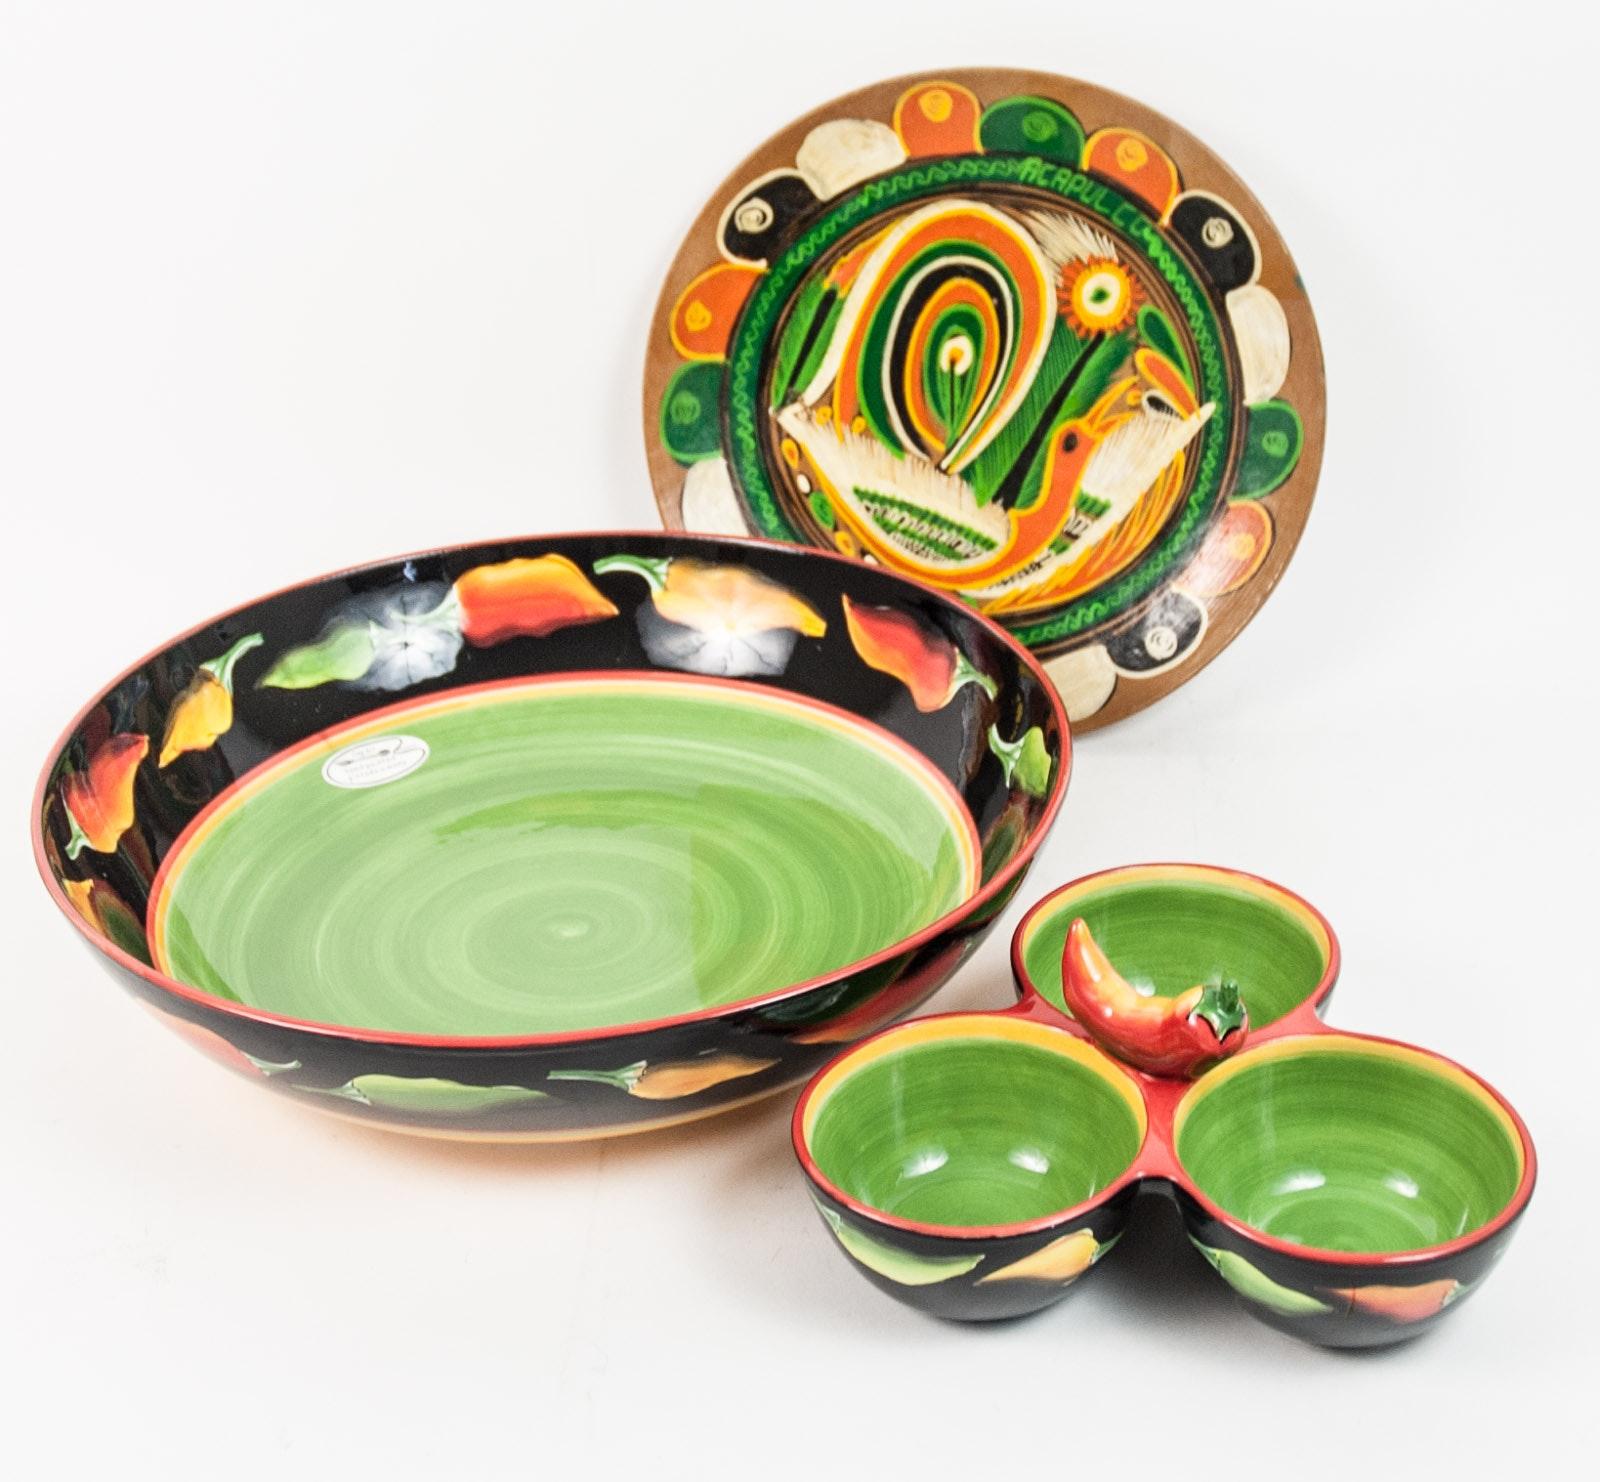 Hand Painted Fiesta Tableware Set